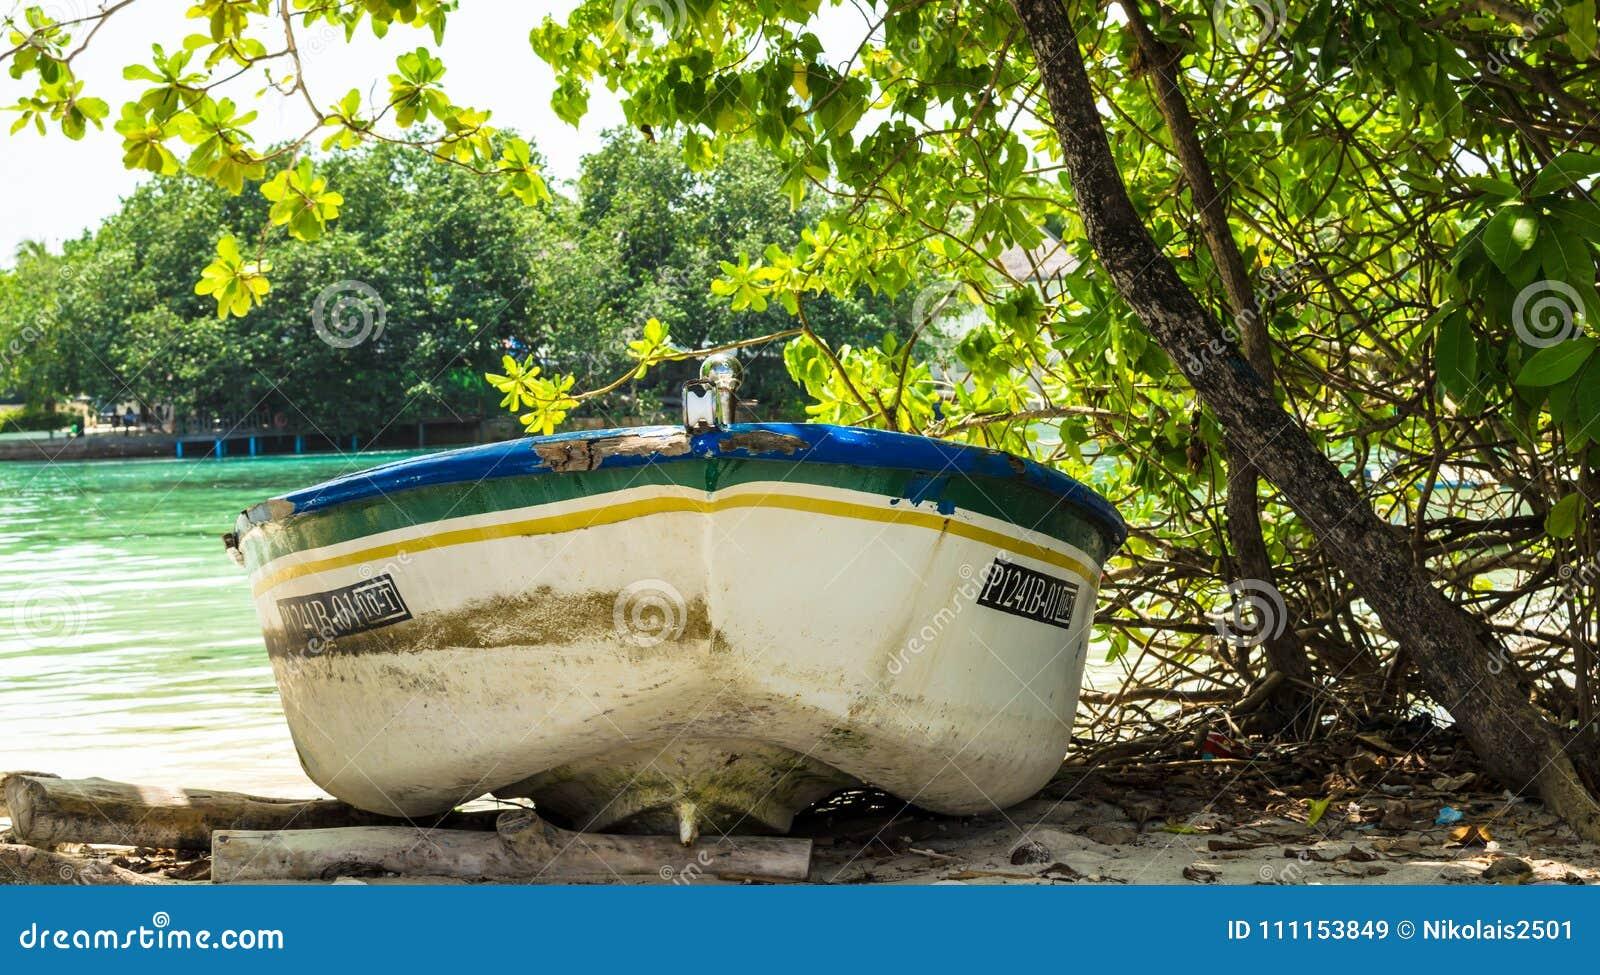 Huraa Maldives November 19 2017 An Old Fishing Boat On The